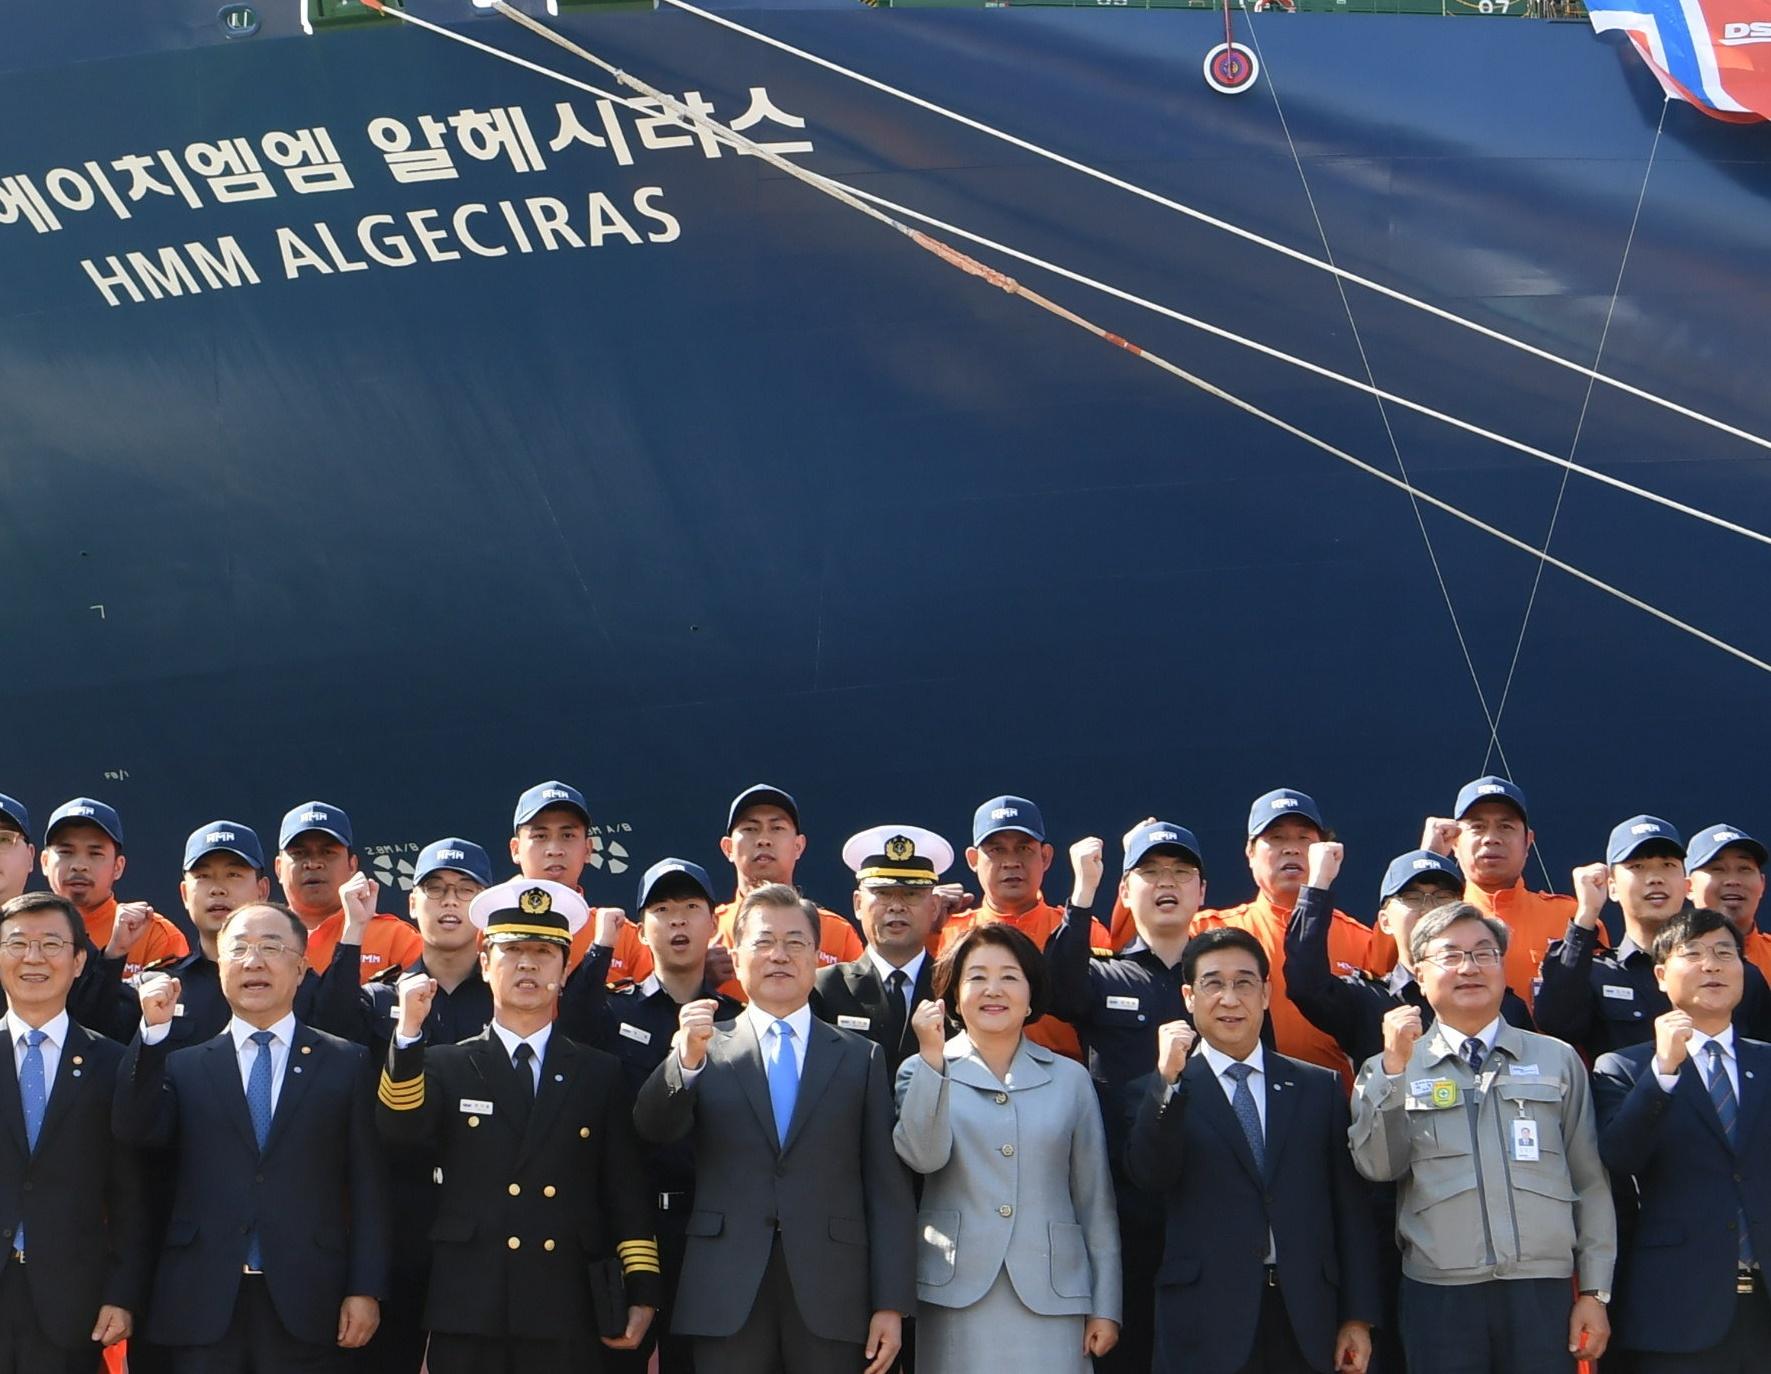 """Landaluce: """"La botadura del HMM Algeciras es una gran noticia para el puerto, la ciudad y la comunidad portuaria"""""""